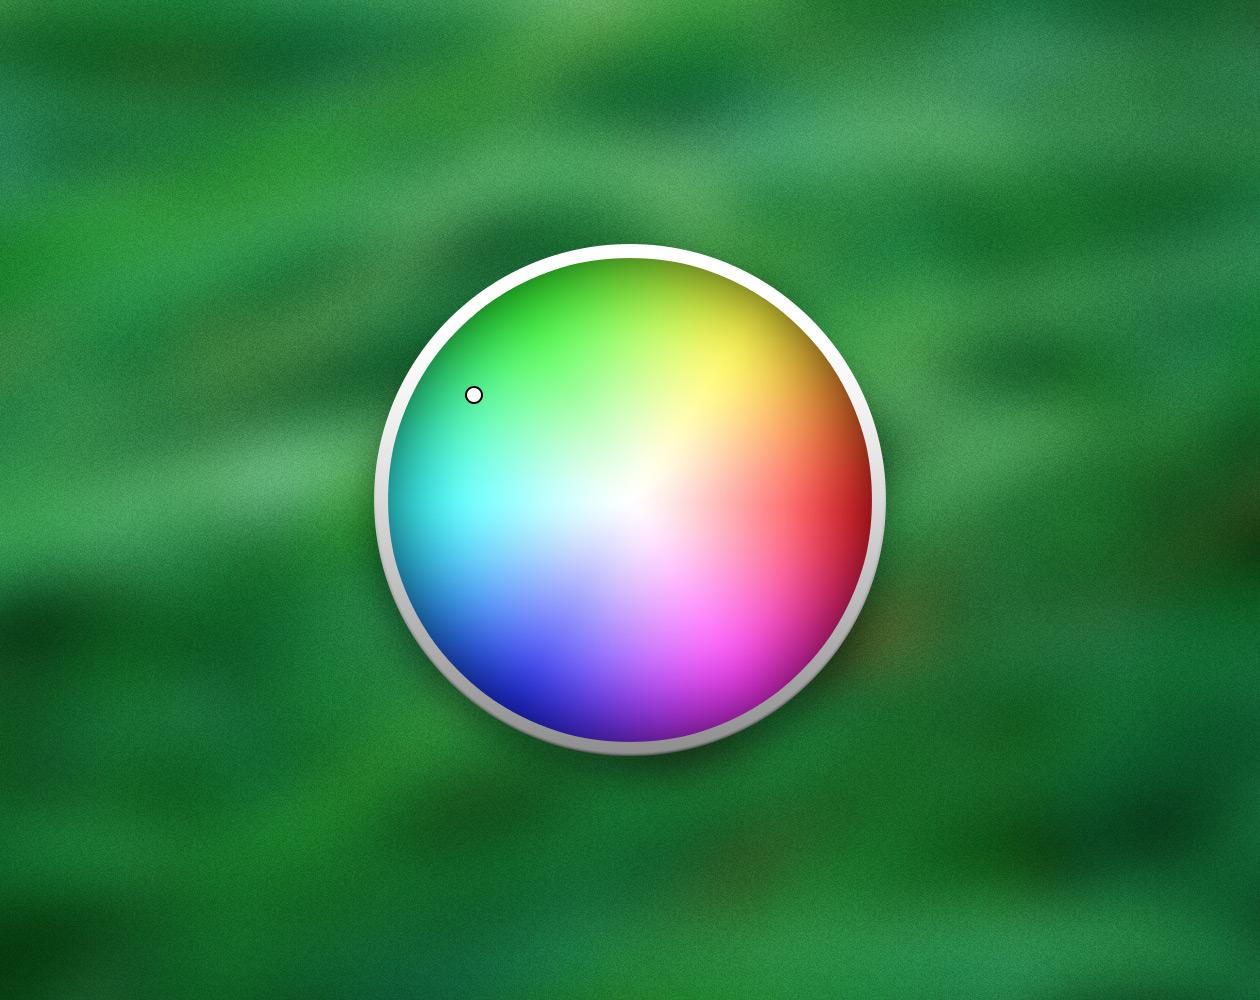 Окно выбора цвета OS X и картинки в качестве палитры цветов